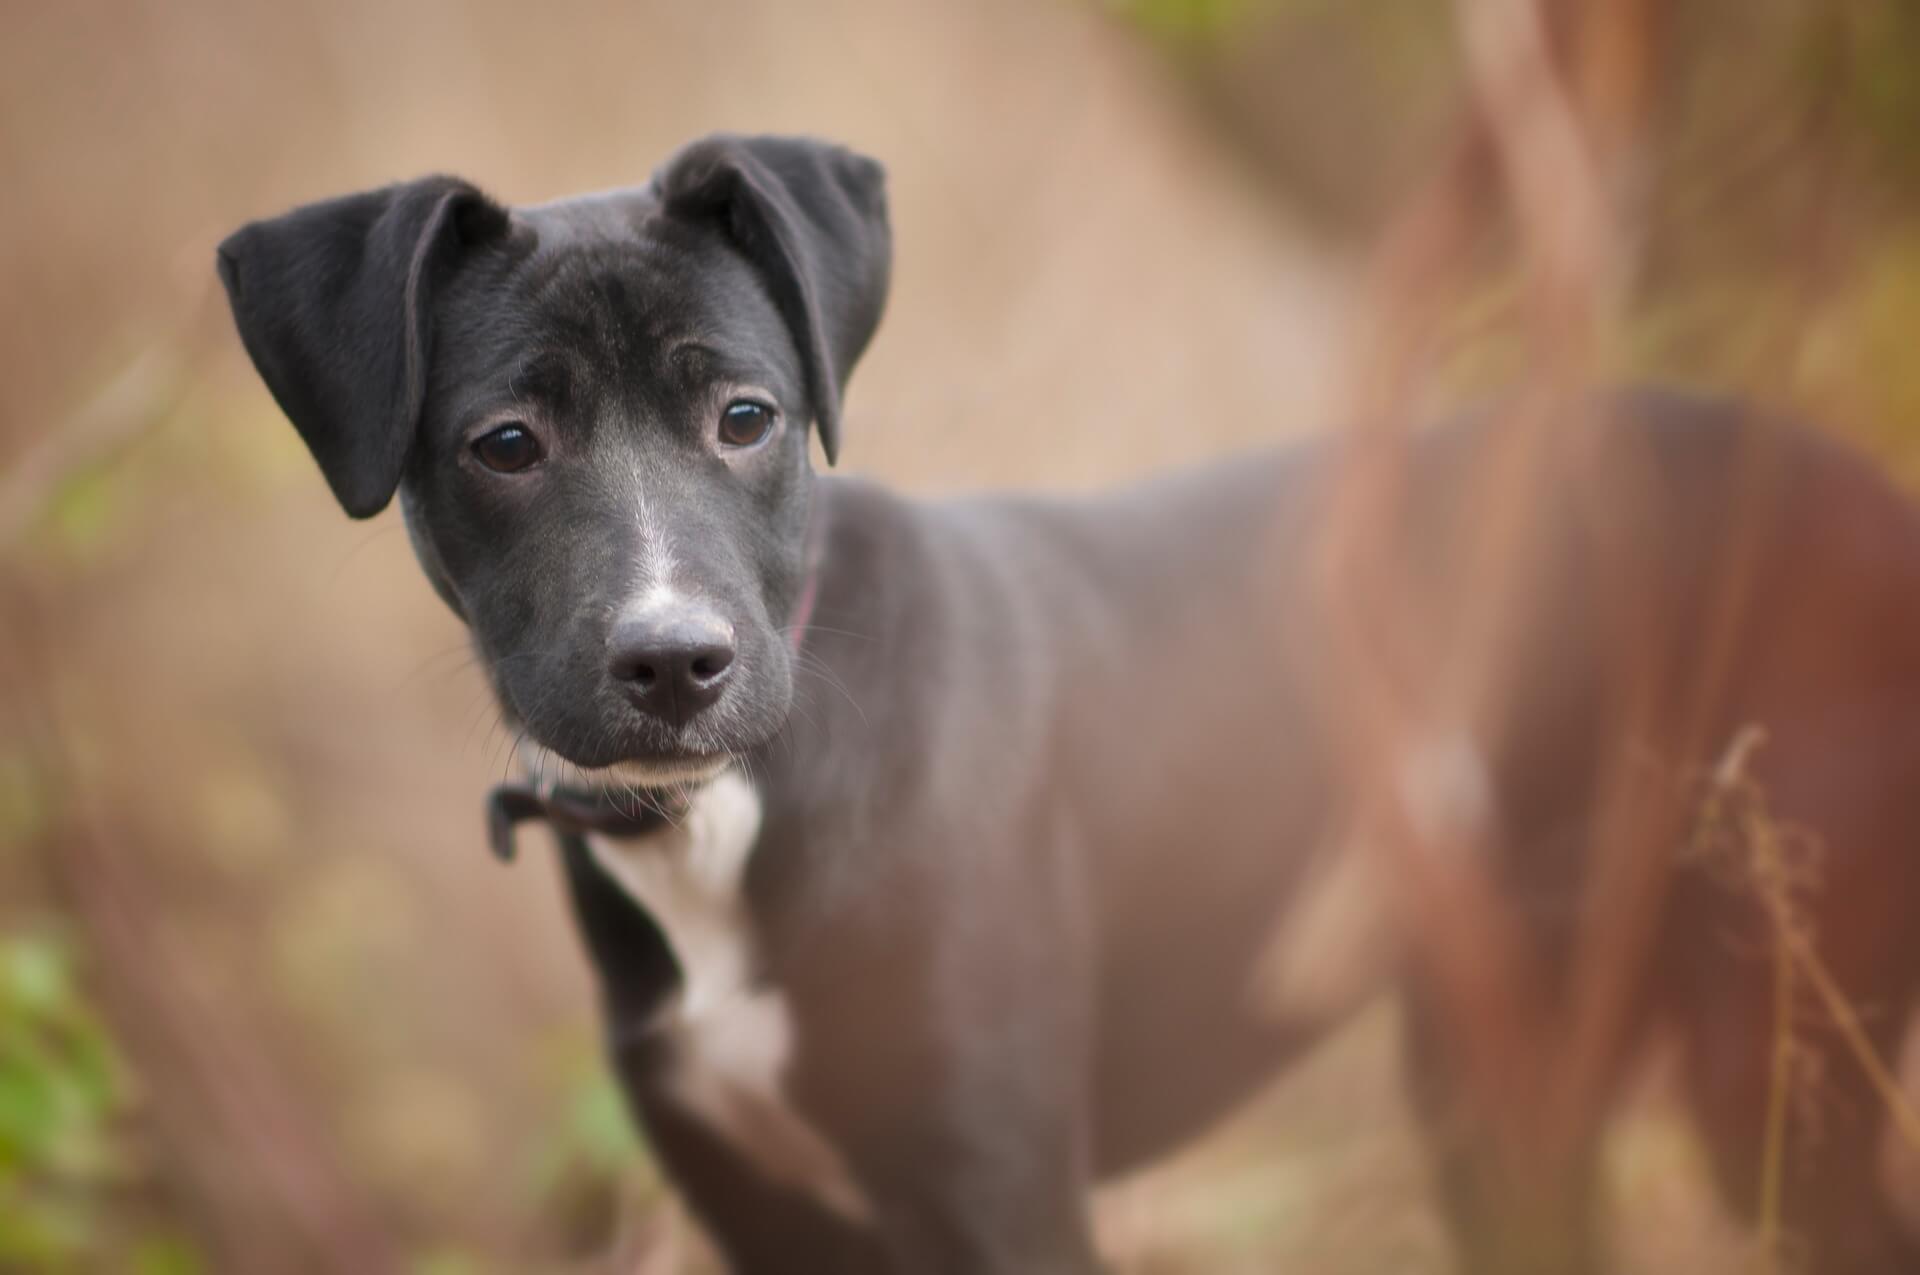 Hund bleibt nicht alleine daheim weil er ein Rudeltier ist - Gründe